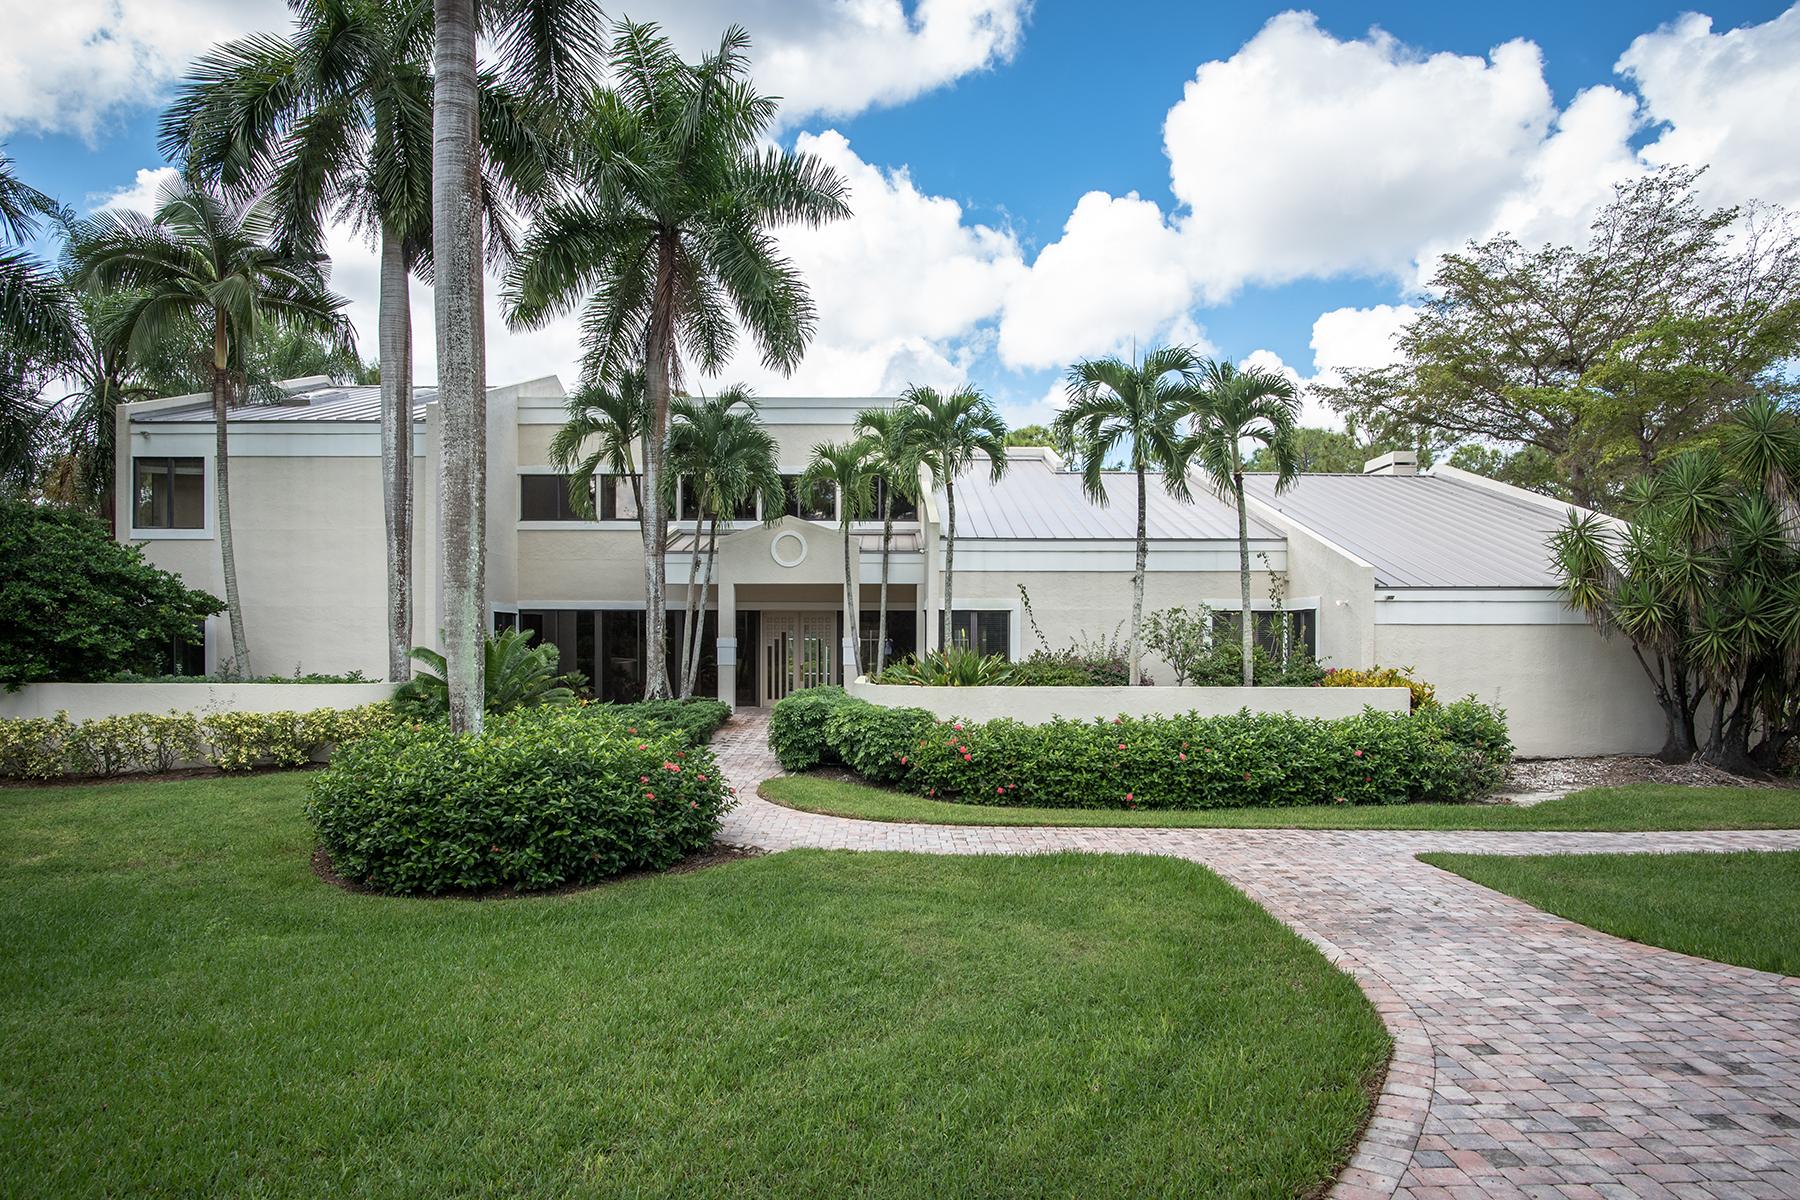 단독 가정 주택 용 매매 에 QUAIL CREEDK 13087 Pond Apple Dr E Quail Creek, Naples, 플로리다 34119 미국